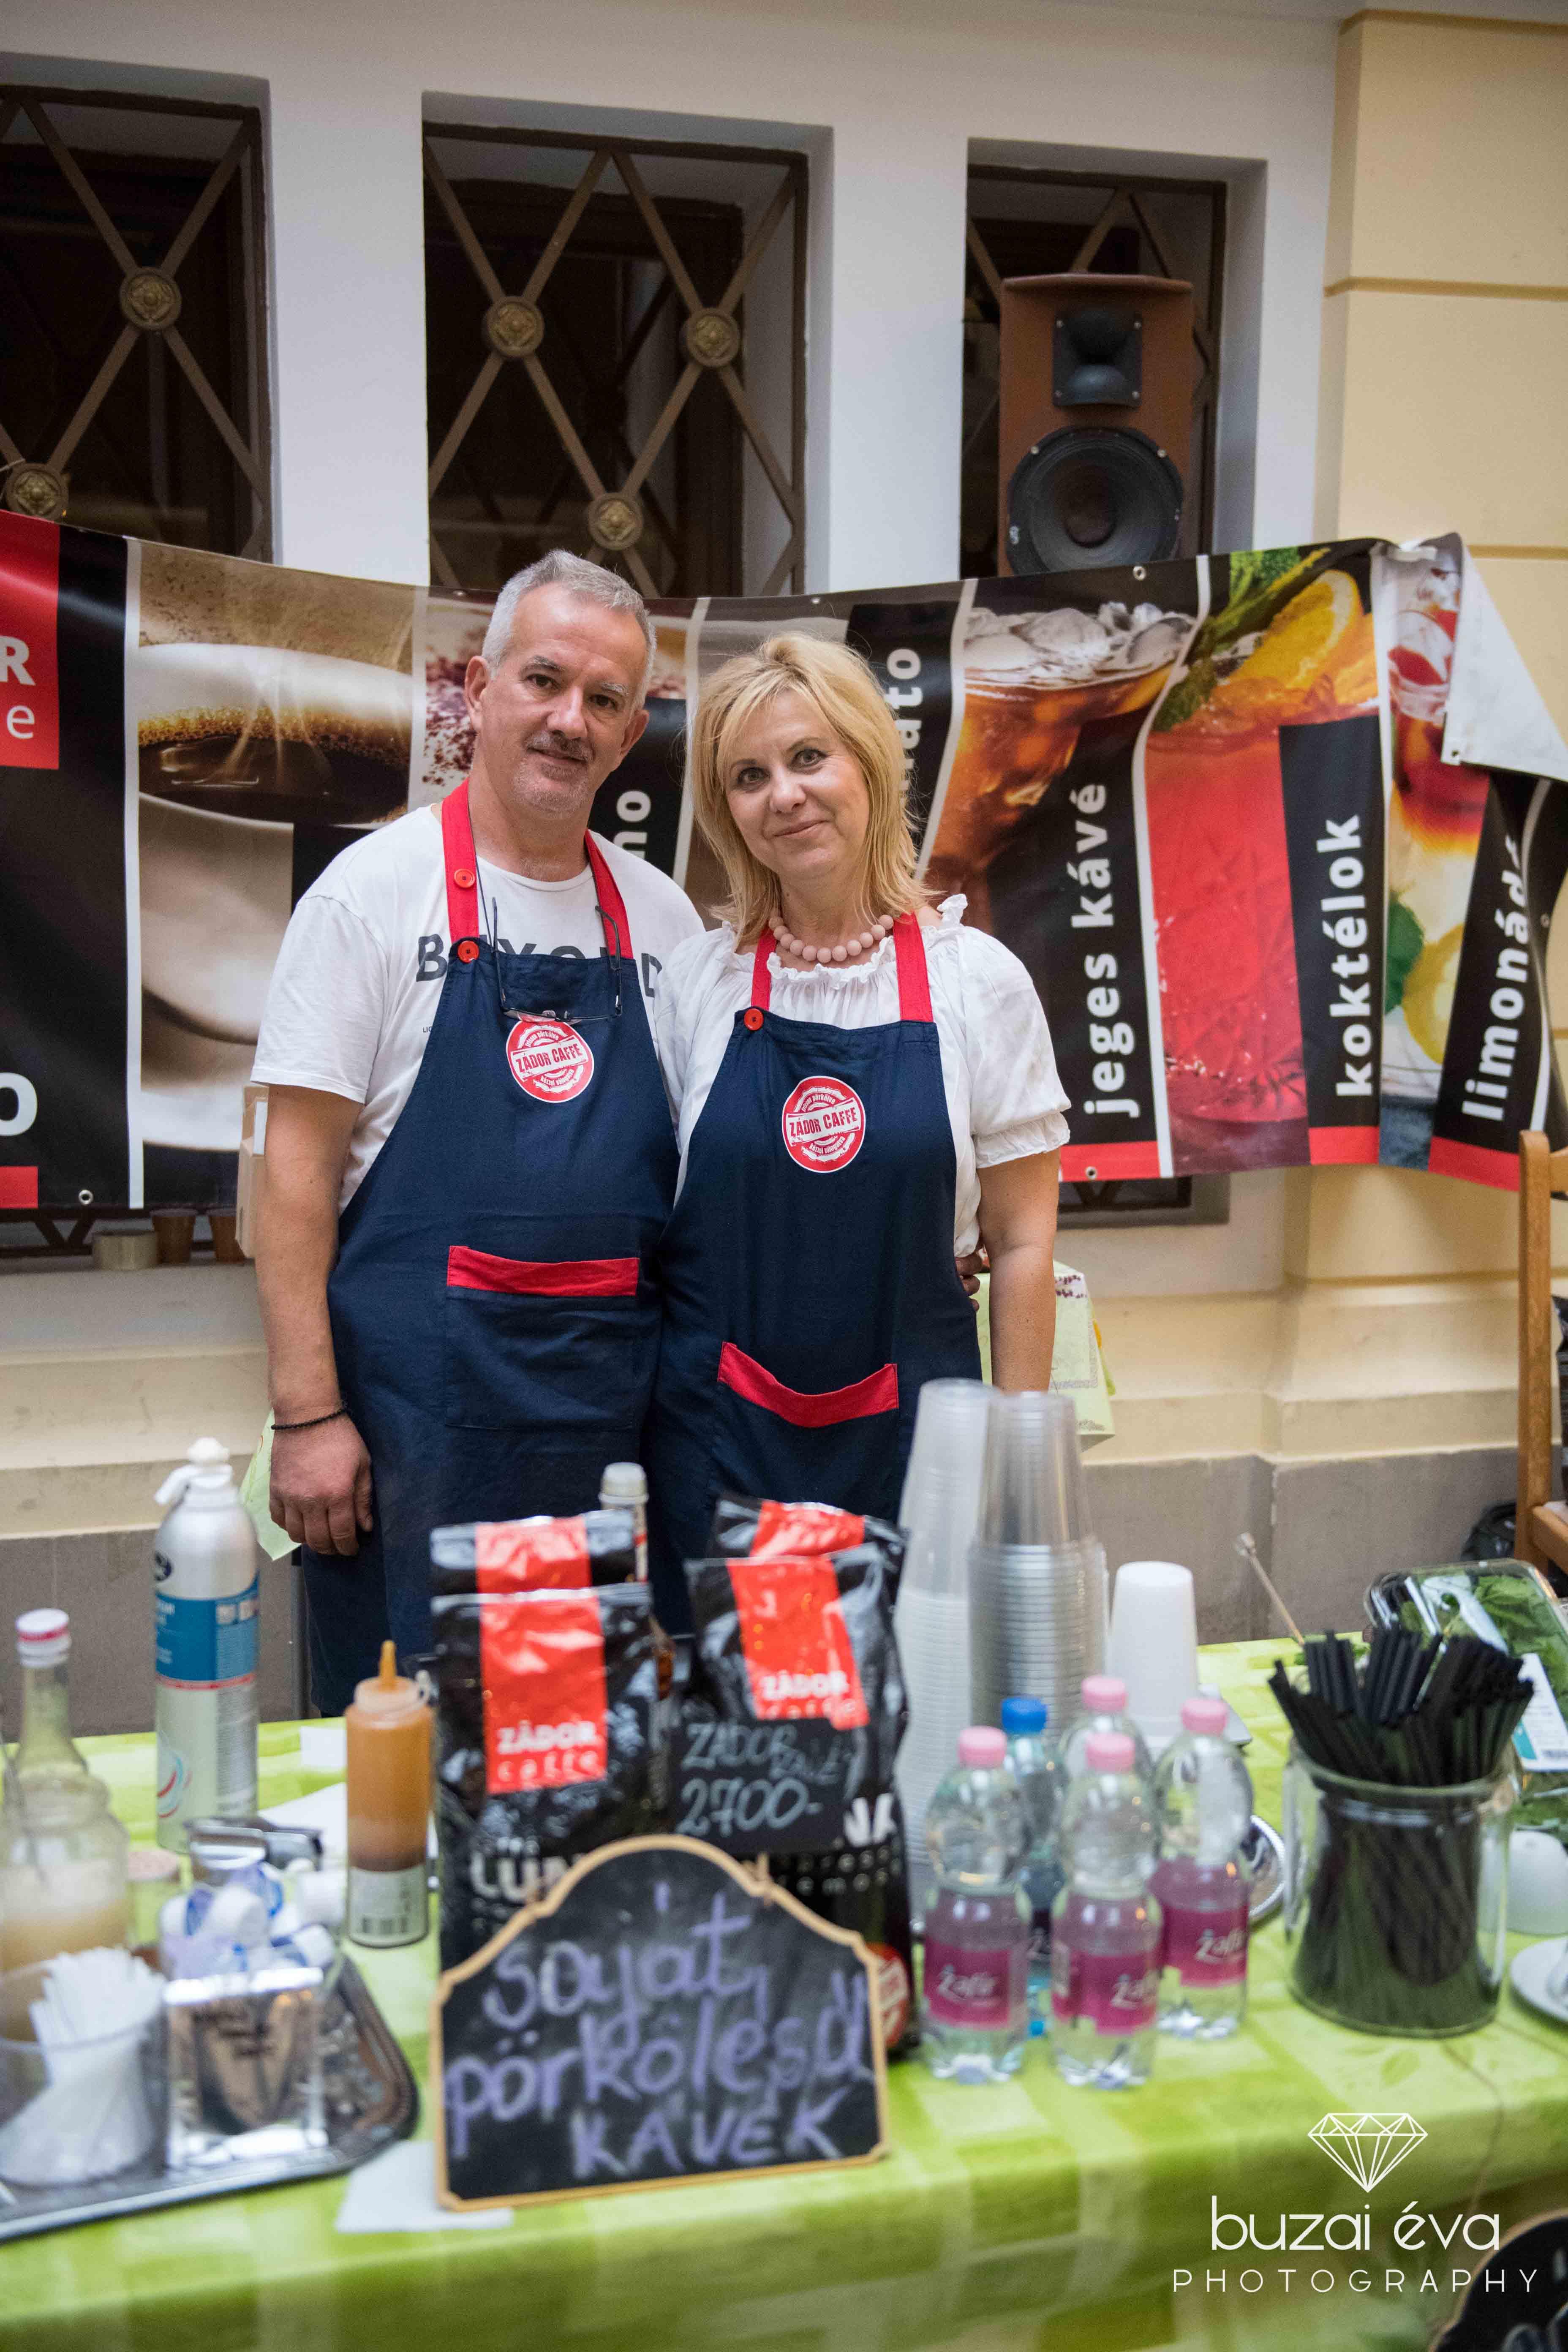 Zádorék (Zádor Café) saját pörkölésű kávéikkal a CSAK Design vásáron